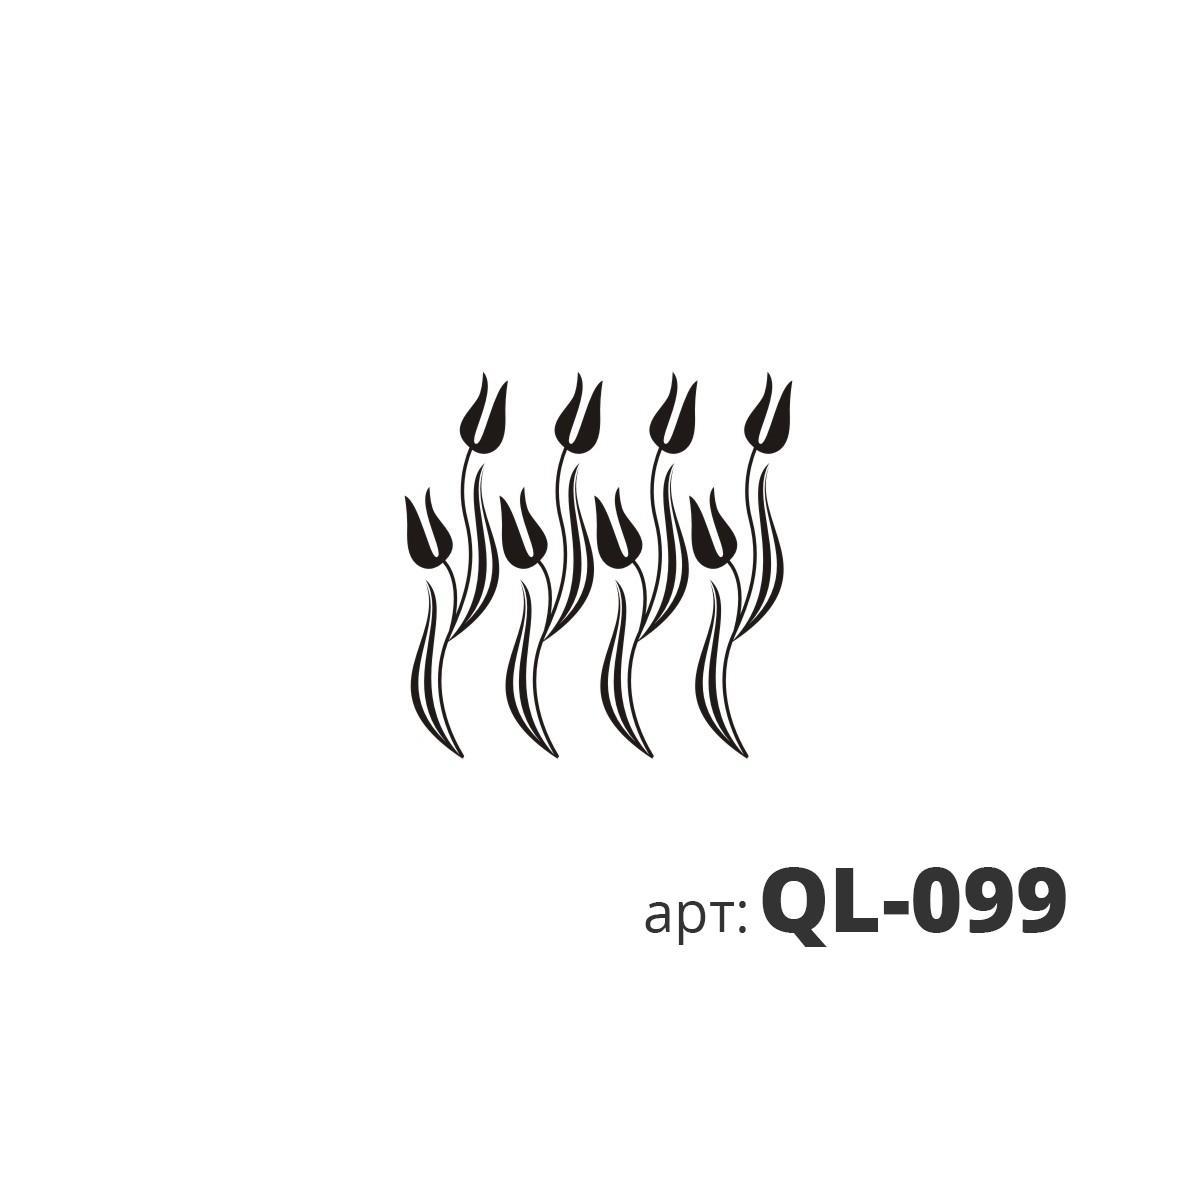 Трафарет виниловый ТЮЛЬПАНЫ QL-099